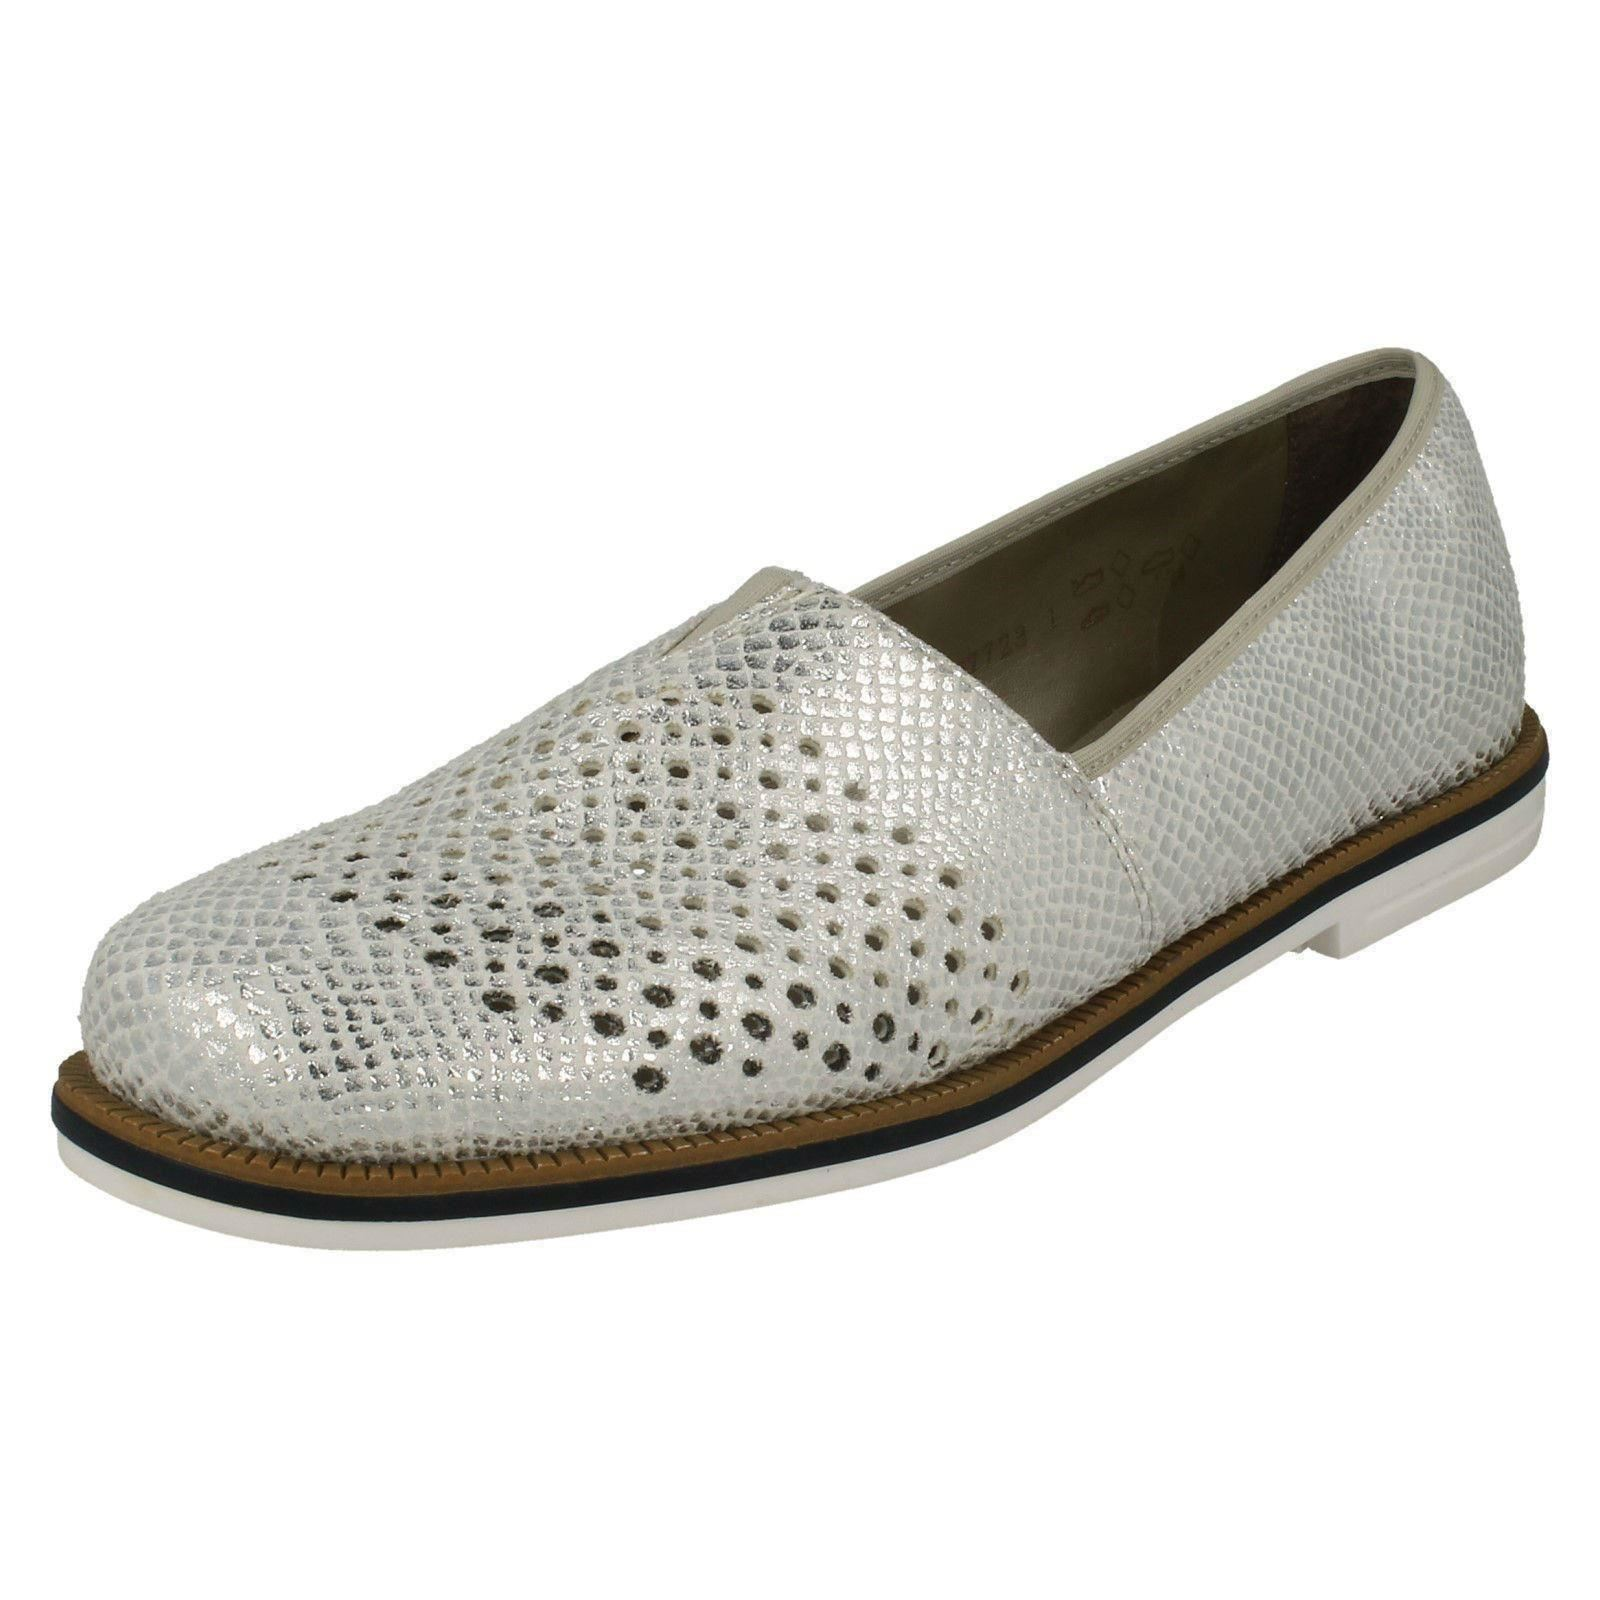 Zapatos por casuales salvajes Descuento por Zapatos tiempo limitado Rieker Ladies Slip On Casual Loafers - 45555 86e54c